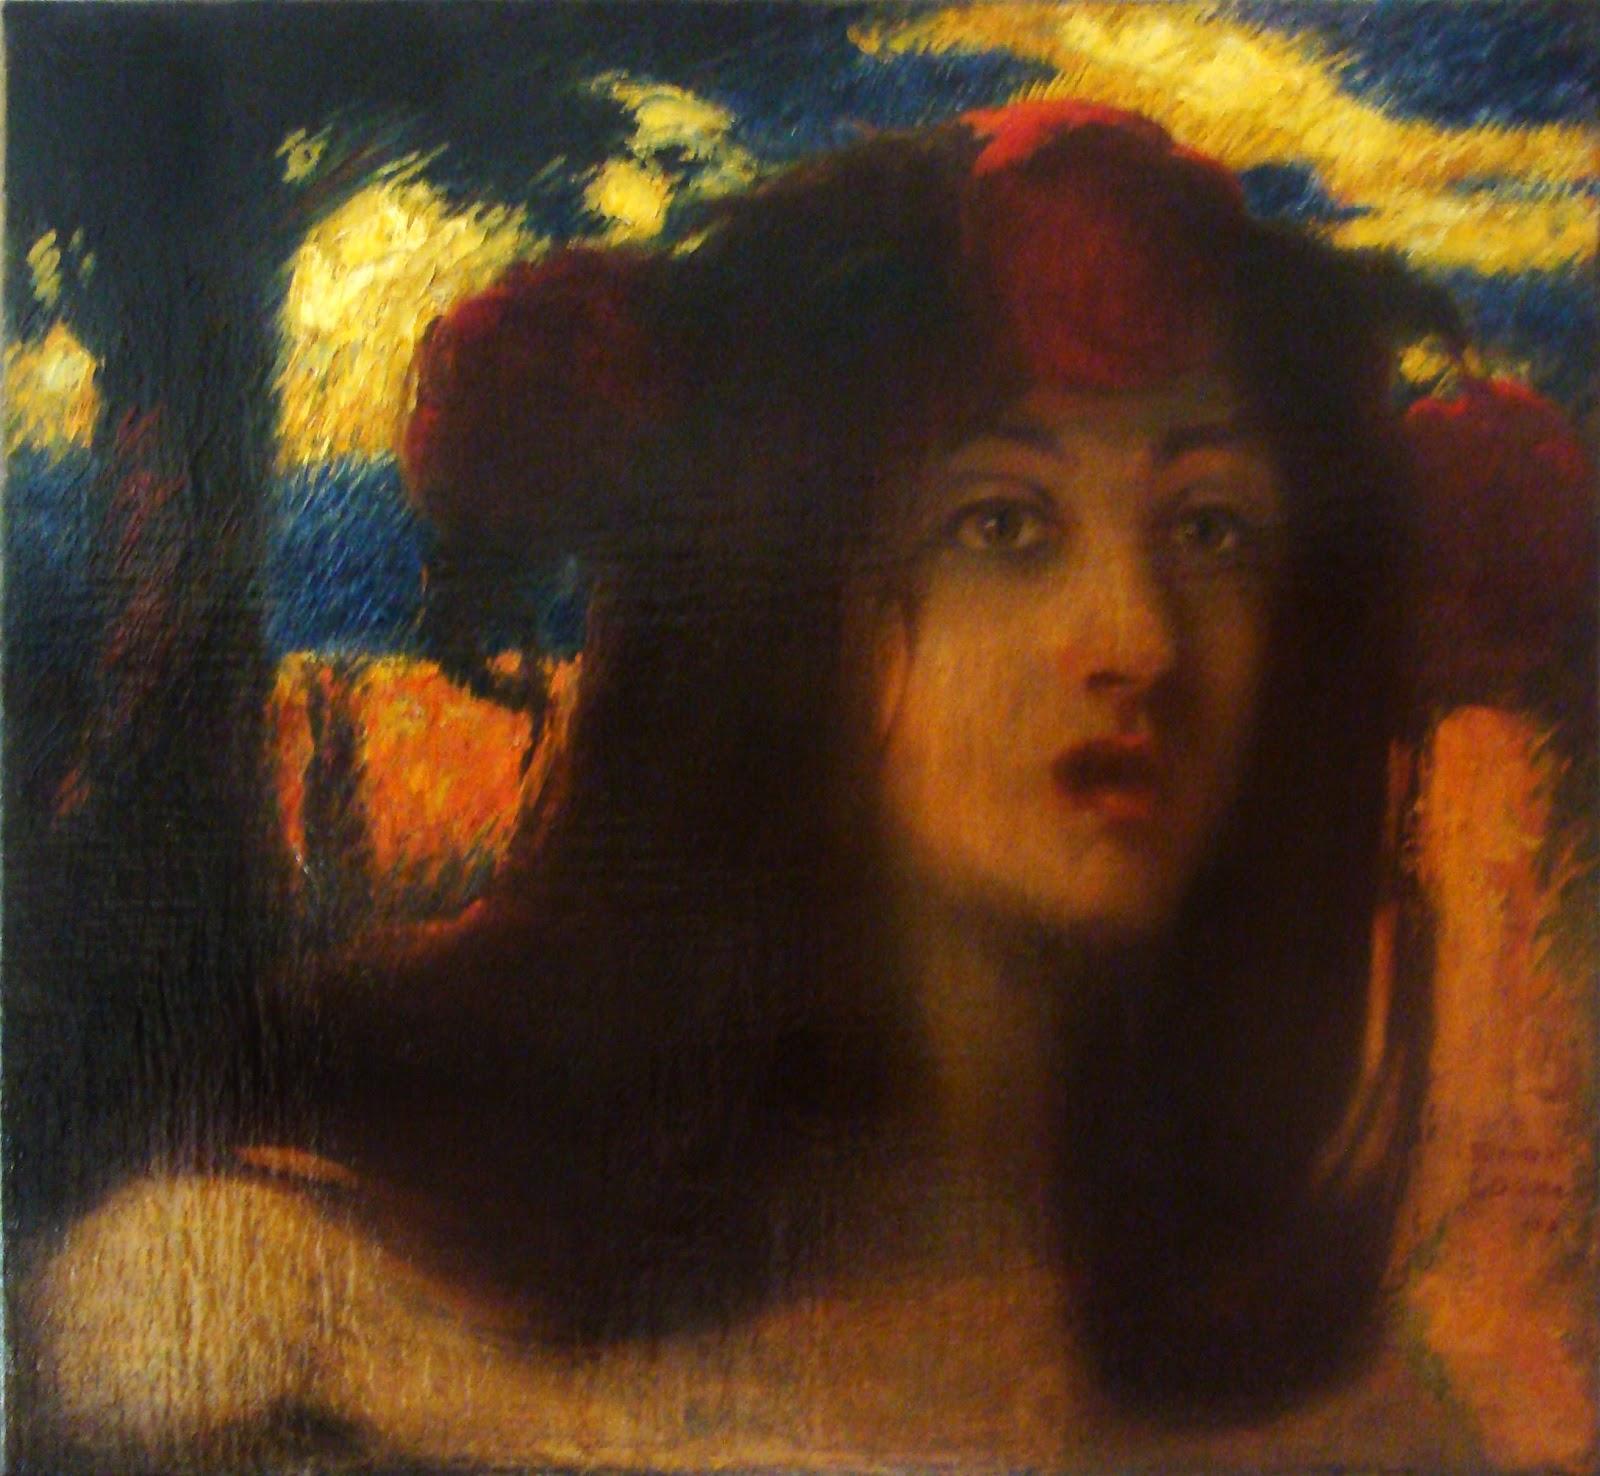 Maeştri ai modernismului şi postmodernismului românesc, la Soma Gallery din Timişoara